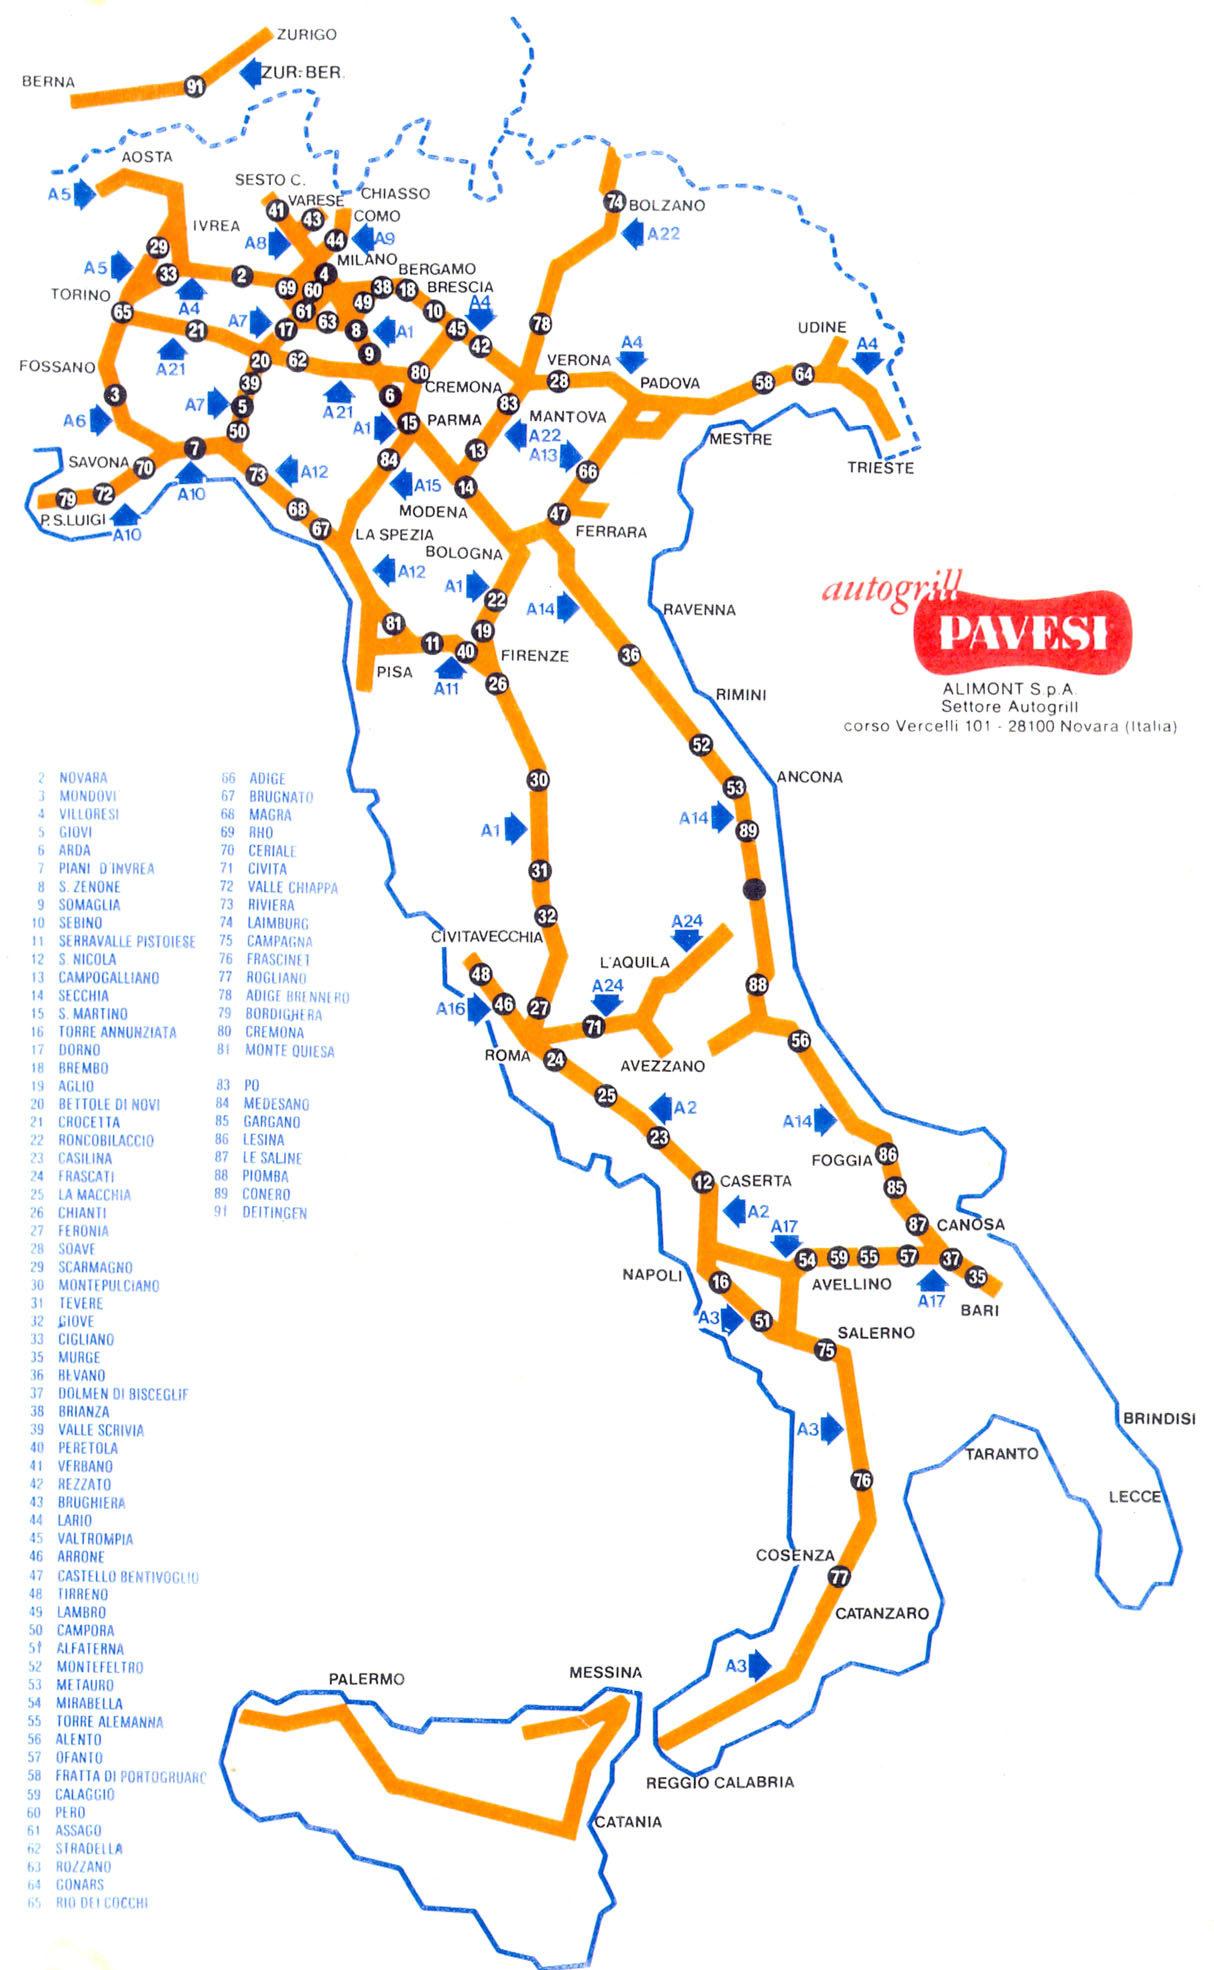 Carta d'Italia con la localizzazione degli Autogrill Pavesi